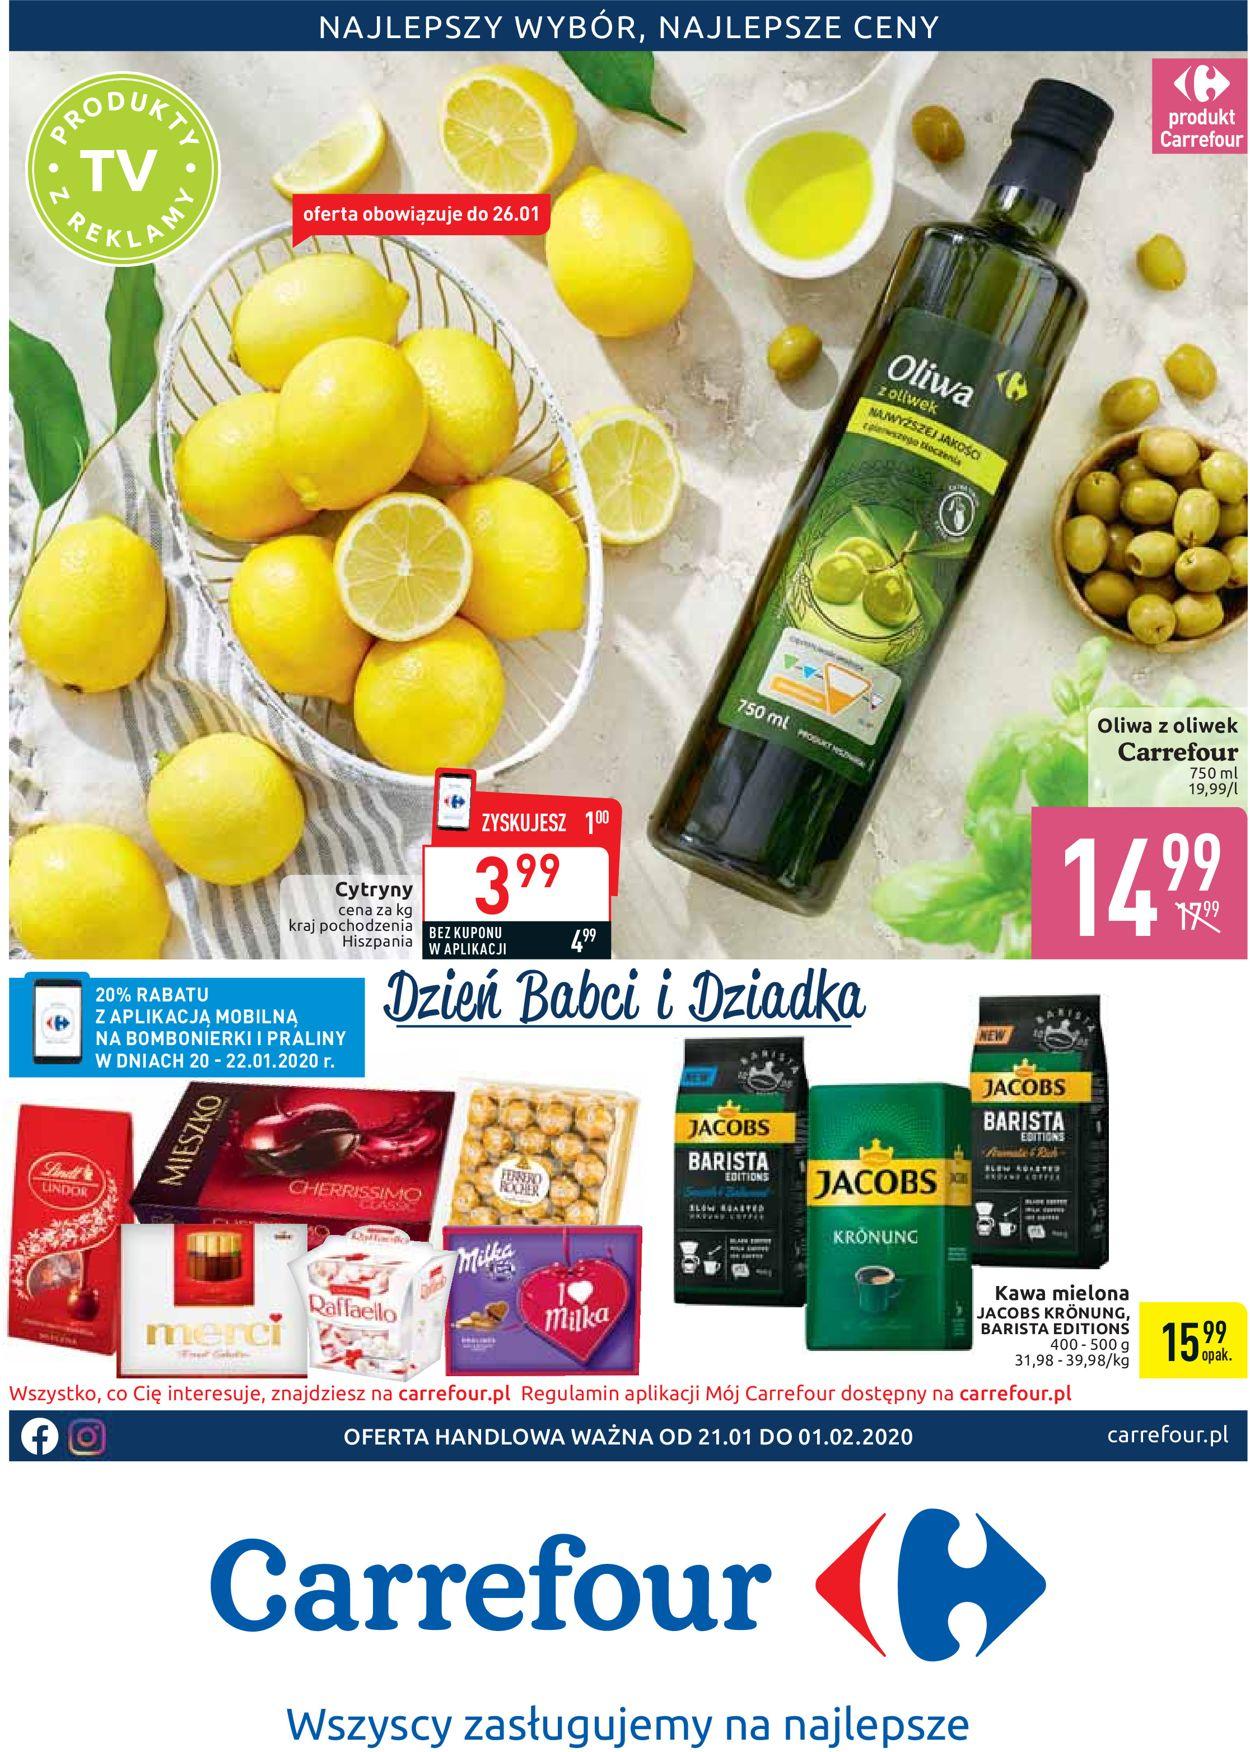 Gazetka promocyjna Carrefour - 21.01-01.02.2020